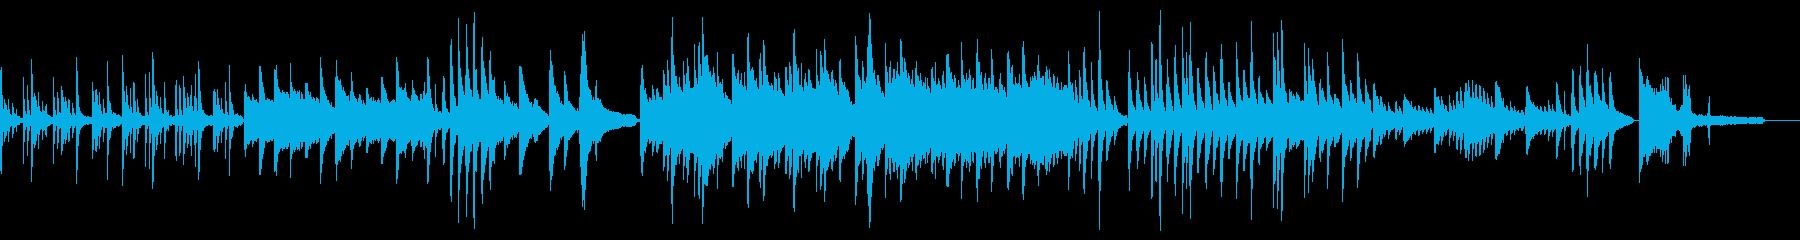 リラックス 静かな和風ソロピアノ生演奏 の再生済みの波形